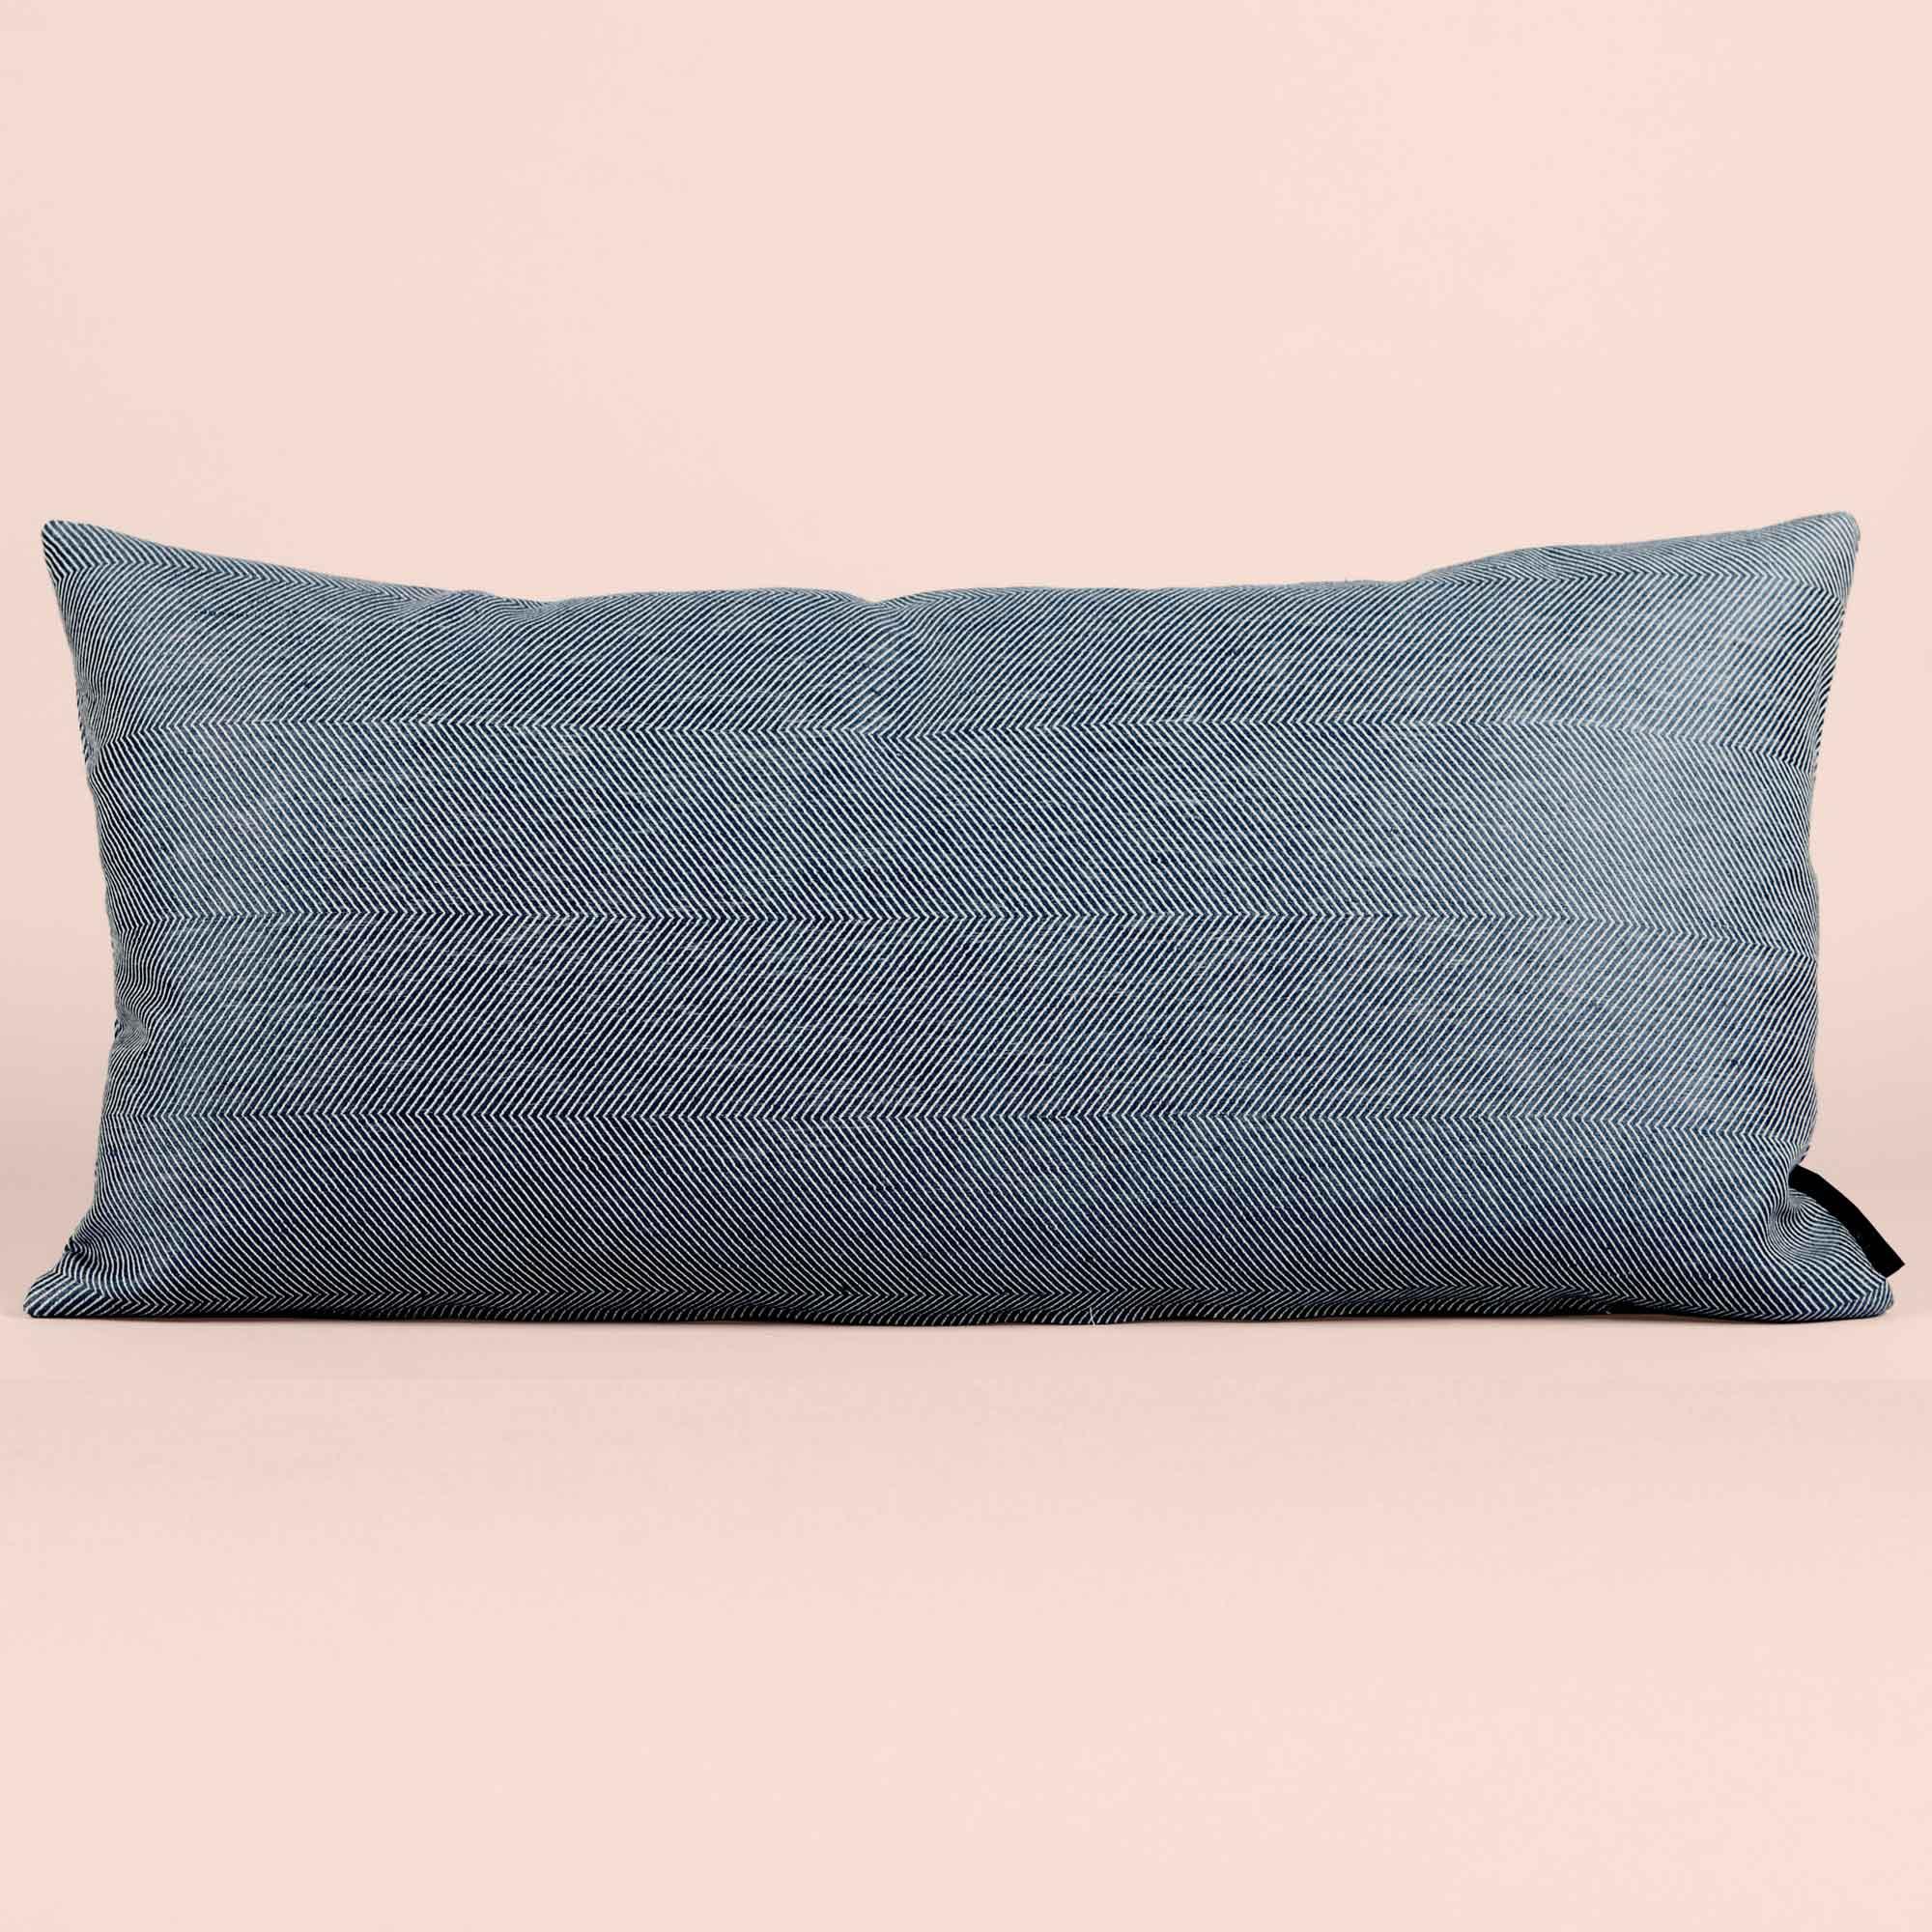 Rectangular cushion linen/cotton indigo blue design by Anne Rosenberg, RosenbergCph